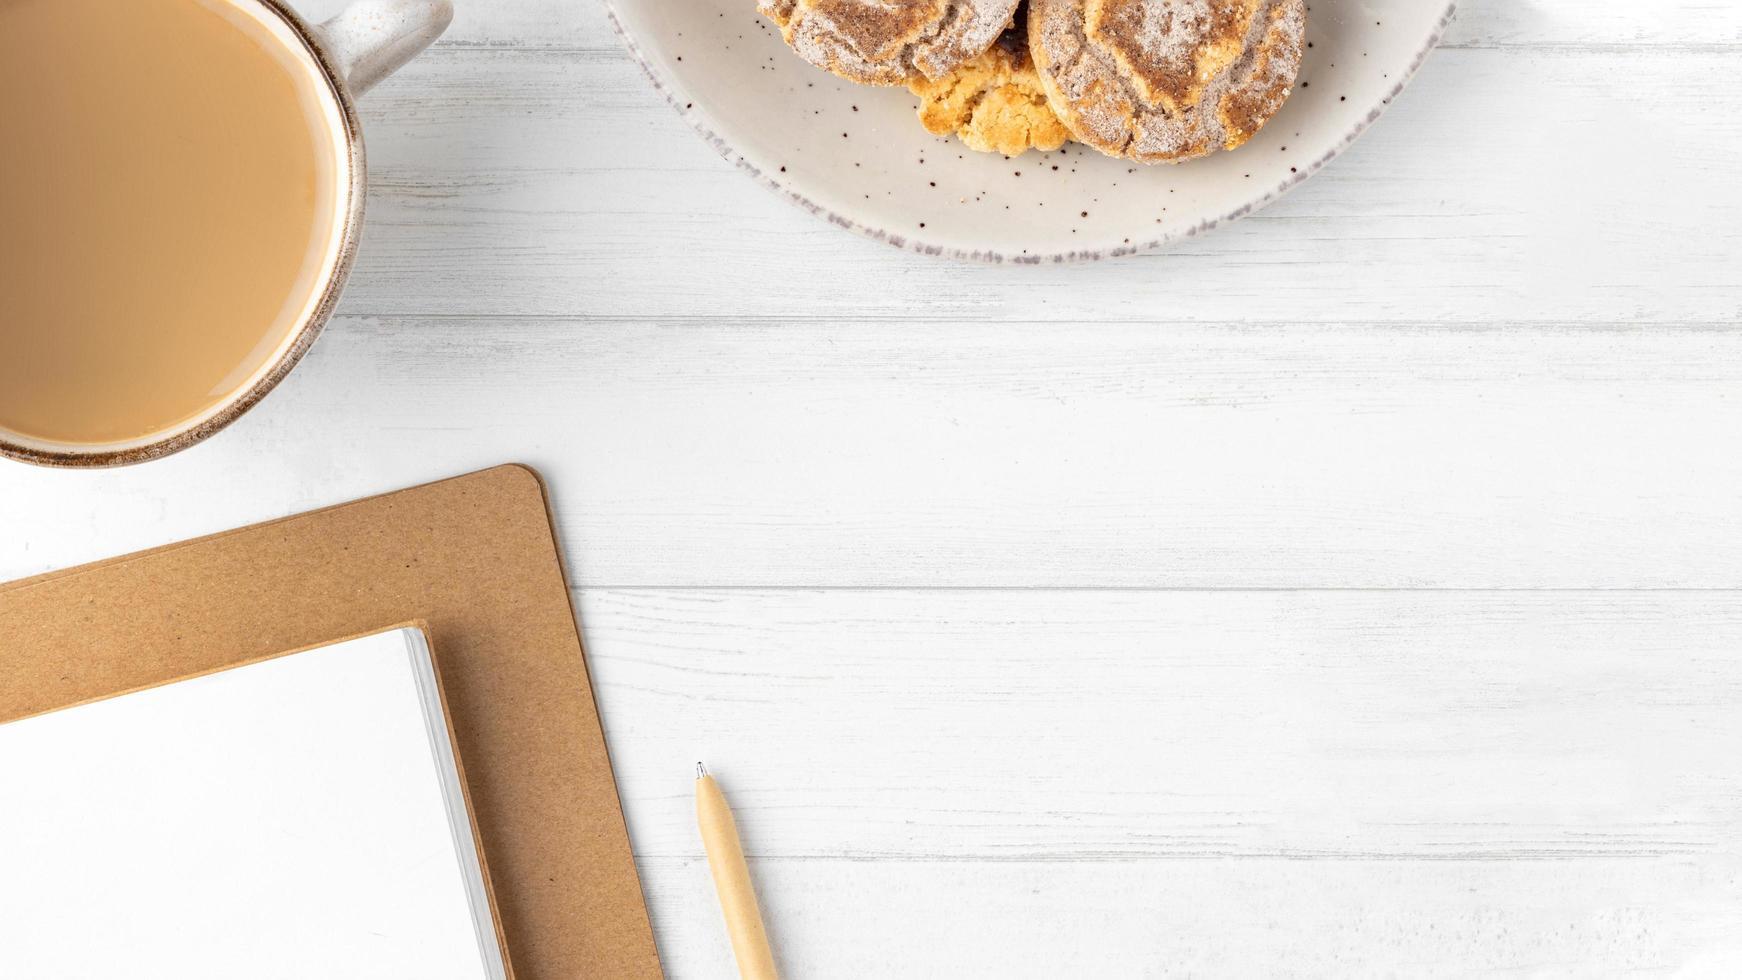 table de petit-déjeuner avec espace copie photo